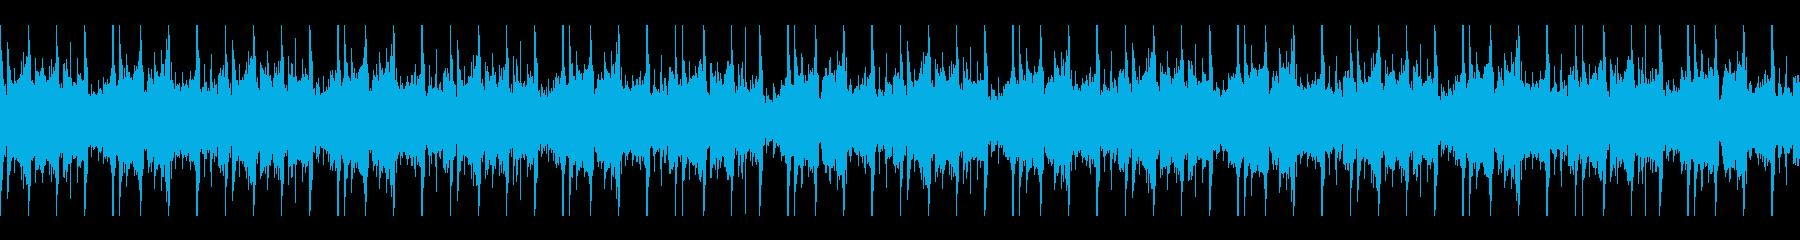 踊れるアンビエント1の再生済みの波形